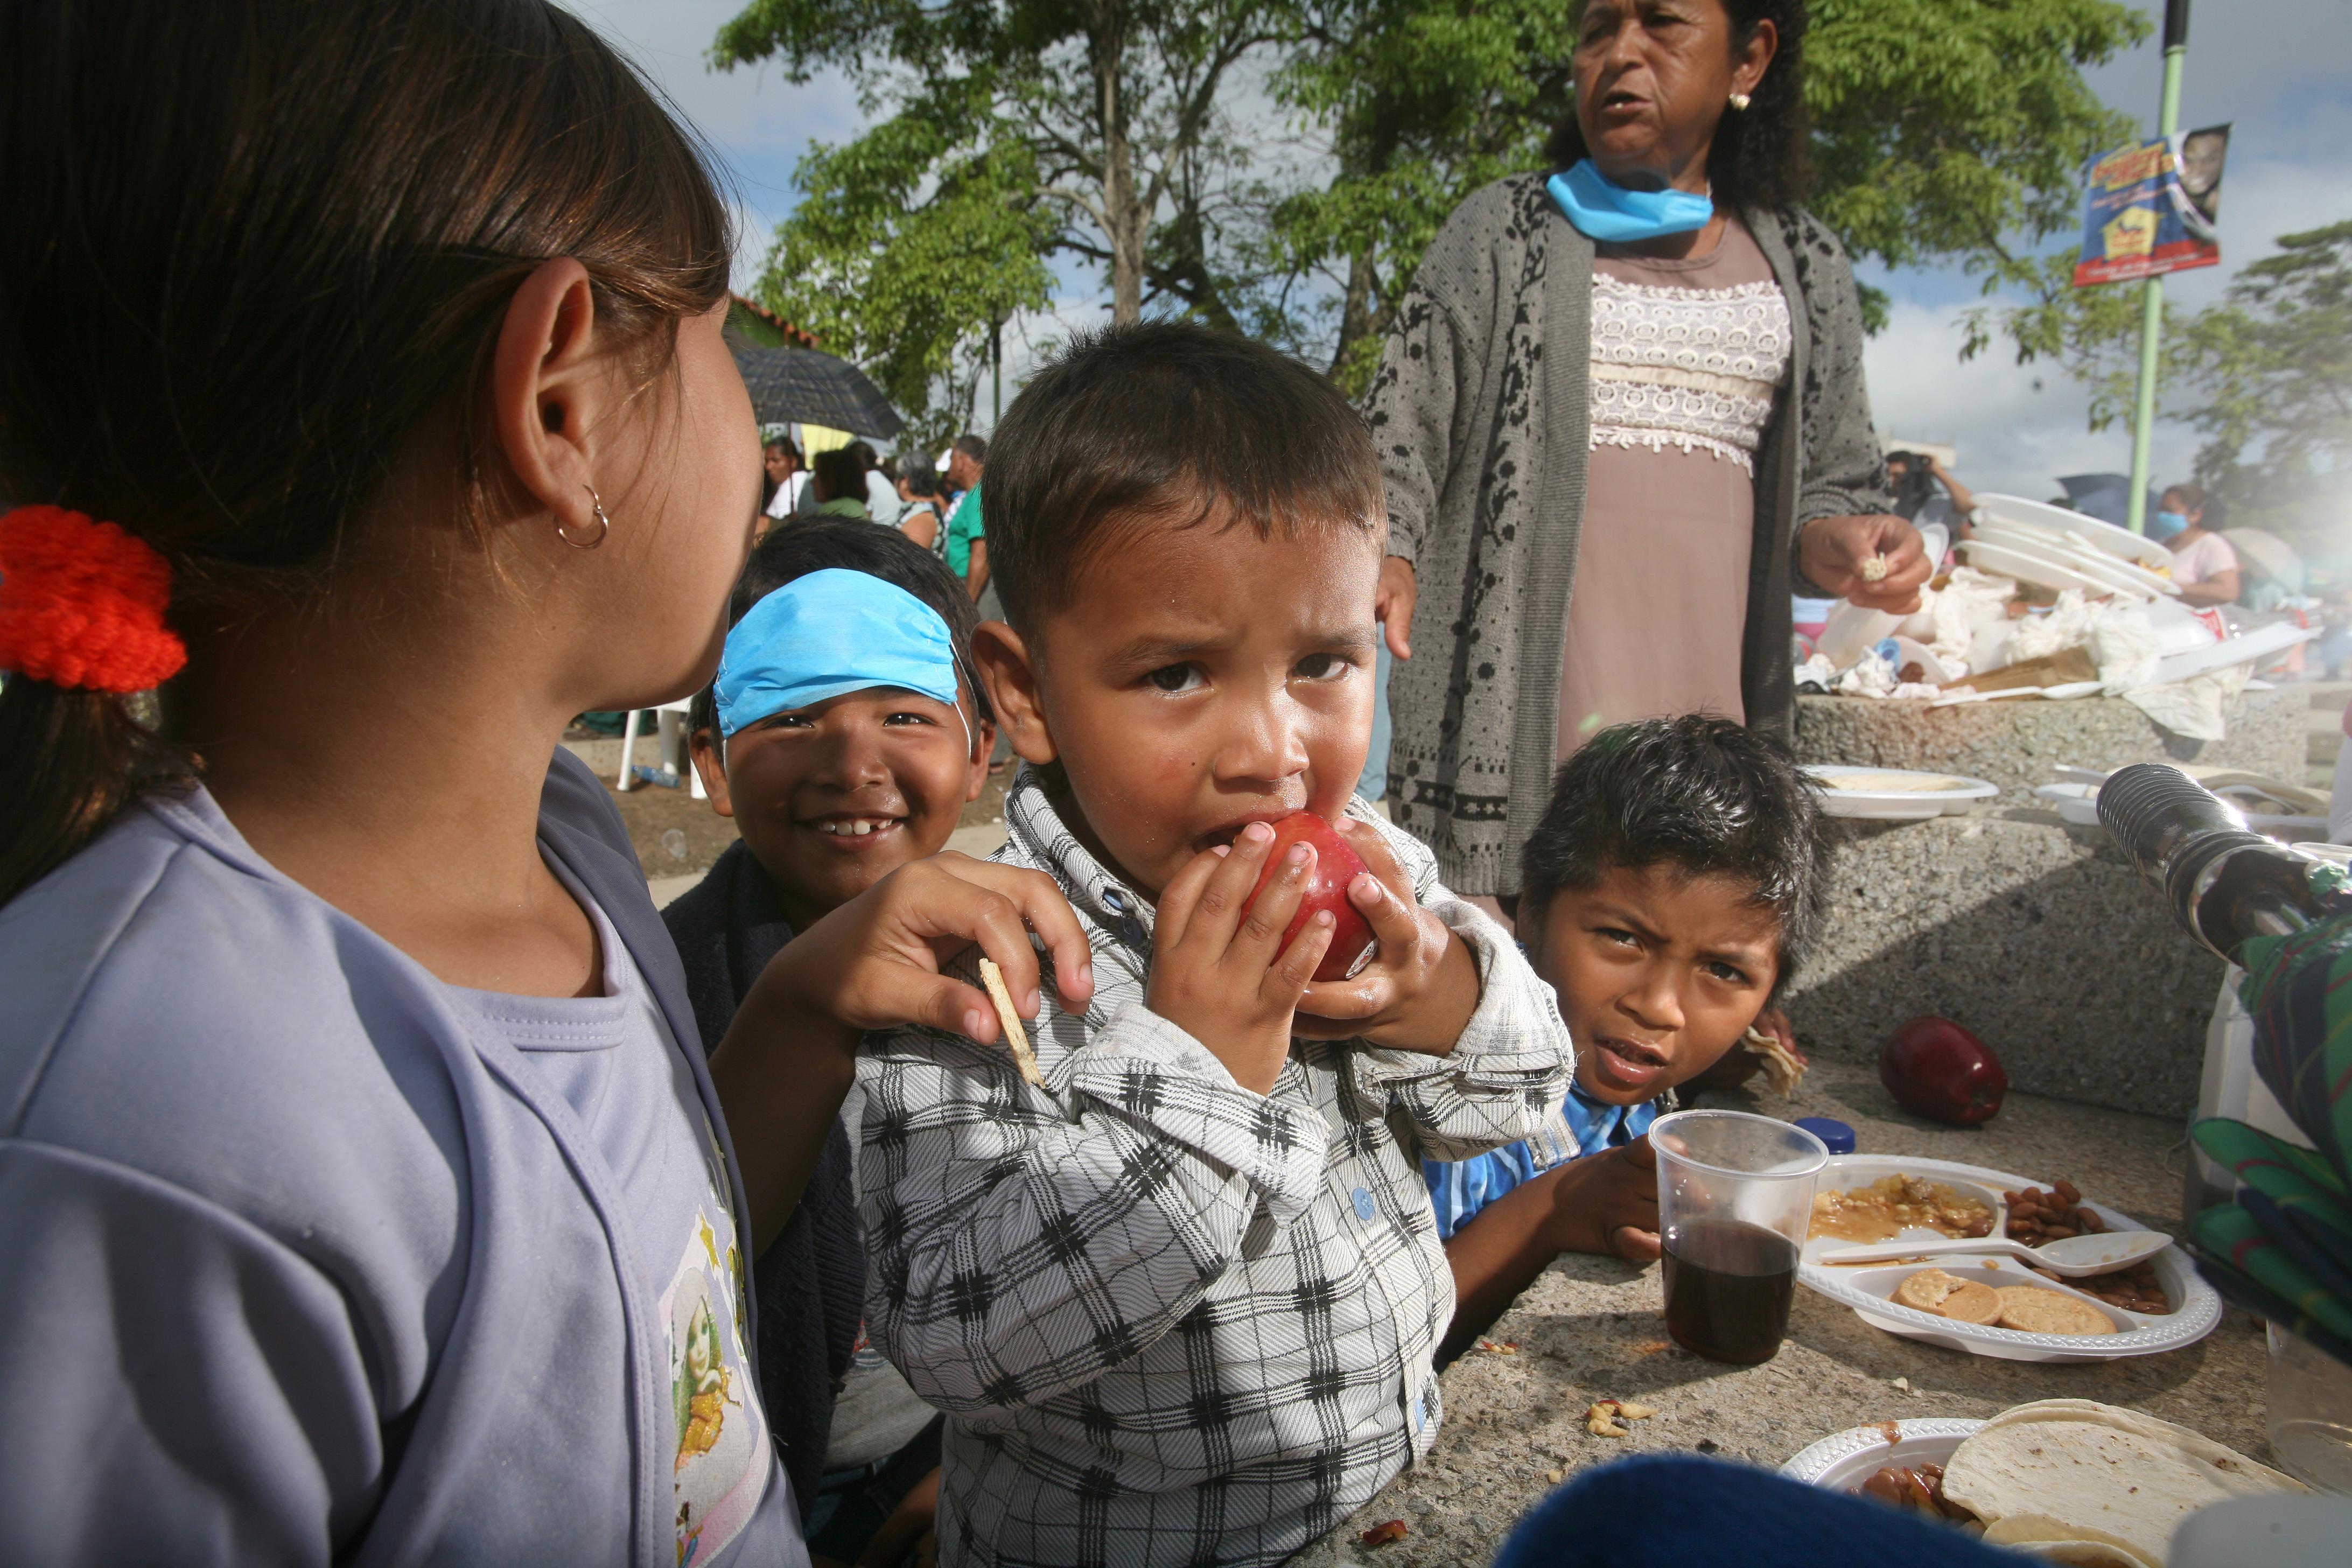 Un Niño De Cinco Años Comiendo Una Manzana